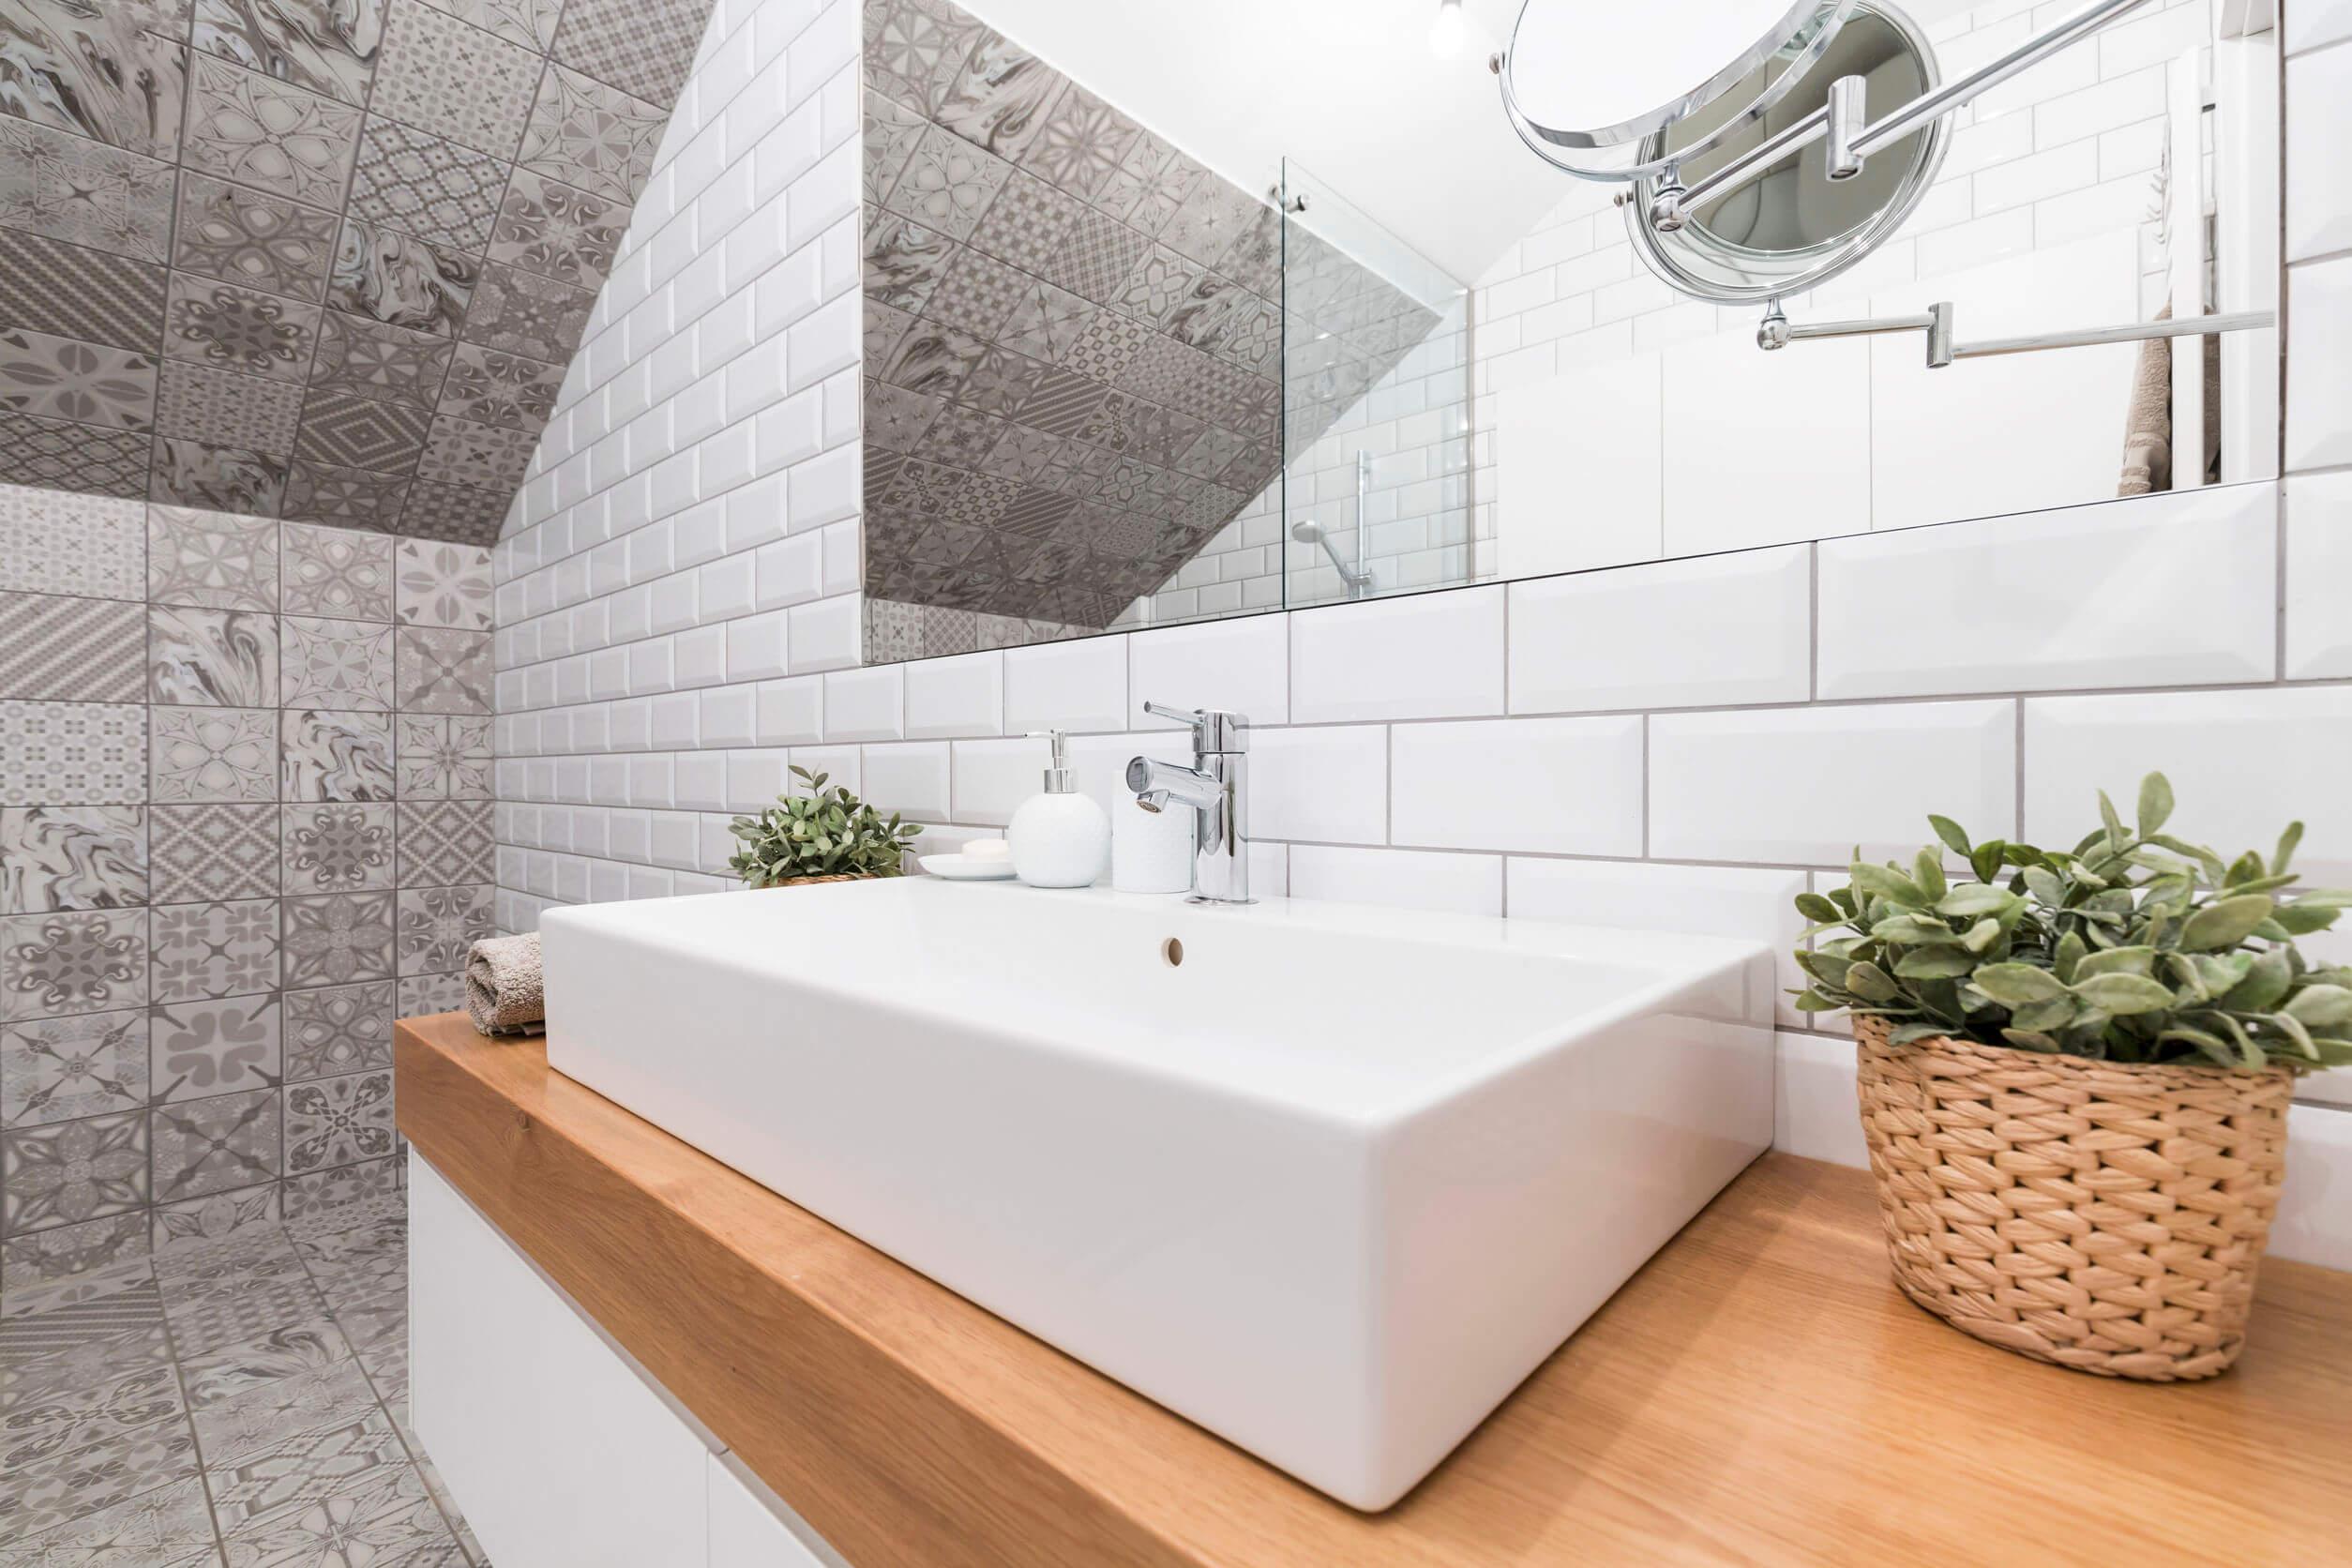 5 egyszerű tipp, hogy nagyobbnak tűnjön a fürdőszoba